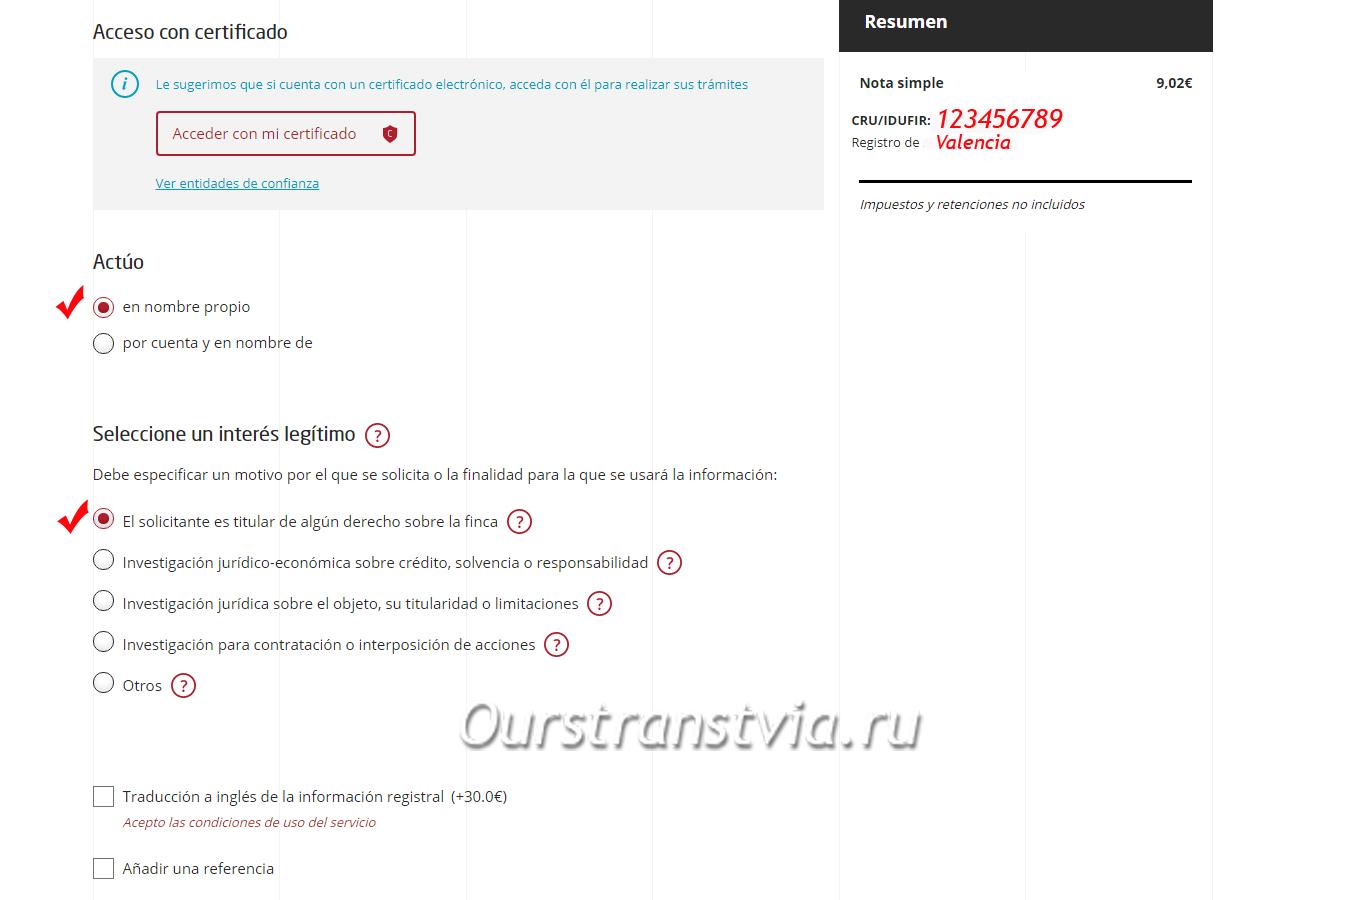 нота симпле испания заказать самостоятельно инструкция 2017 stranstviakota.ucoz.ru